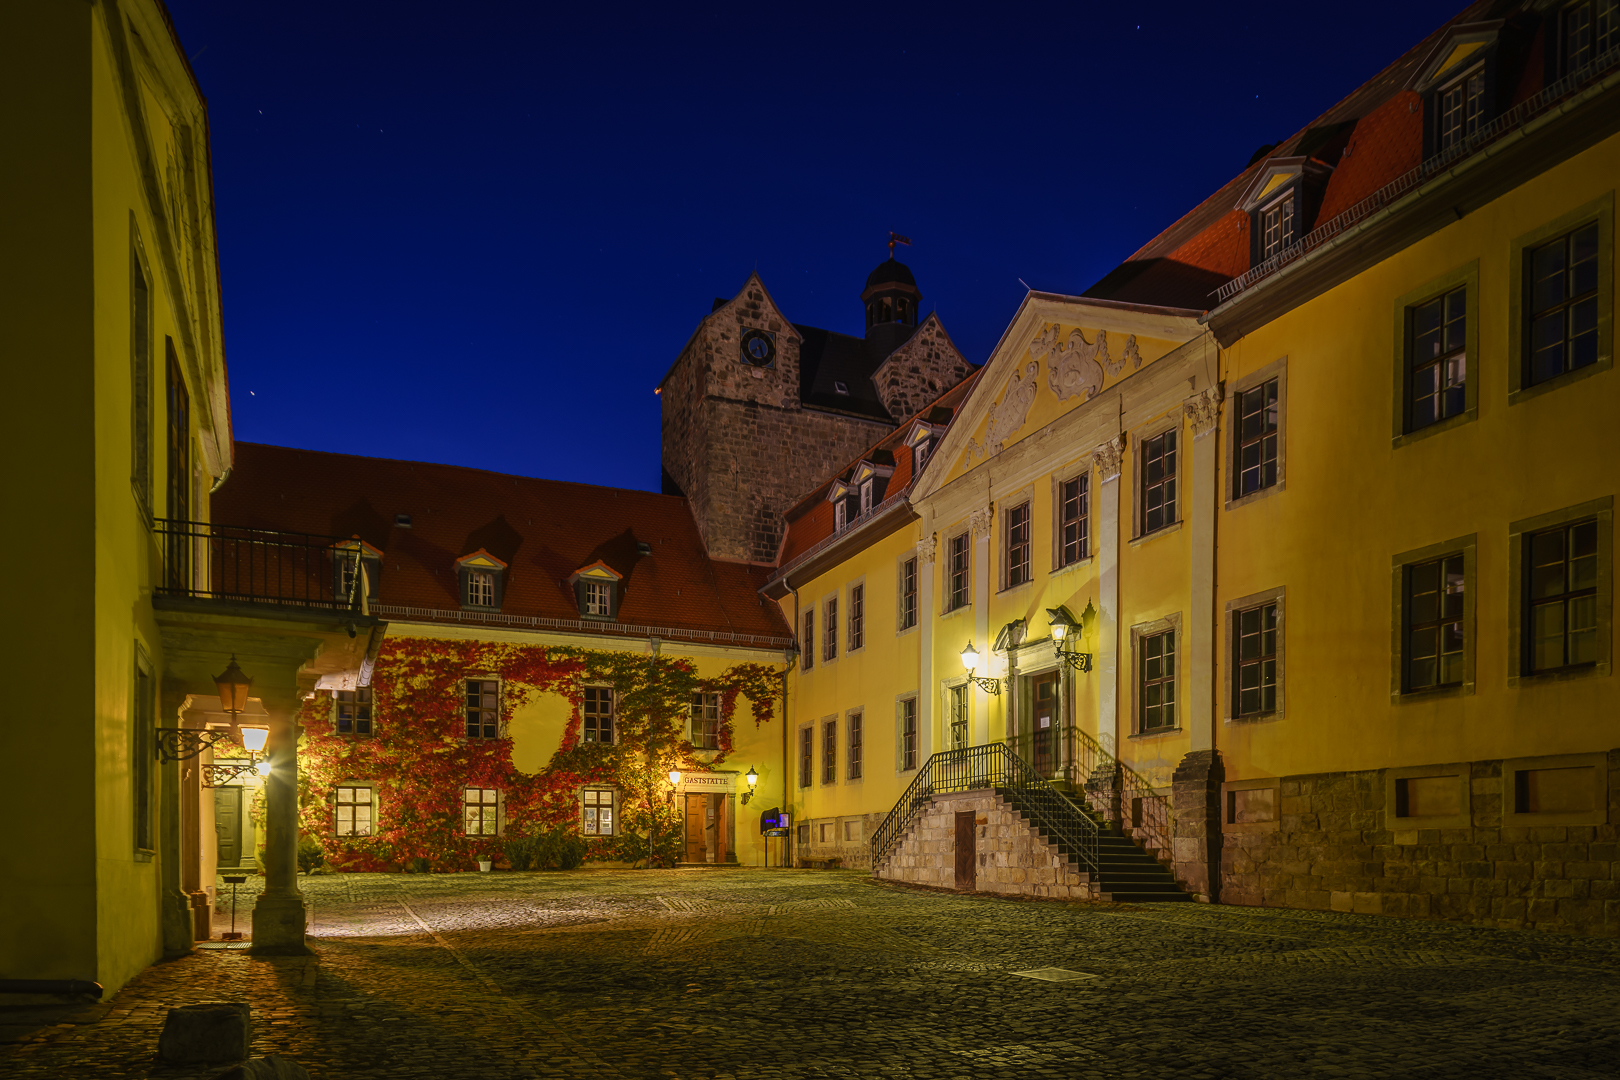 Ballenstedt Schloss Innenhof © Wolfram Schmidt / Meisdorf